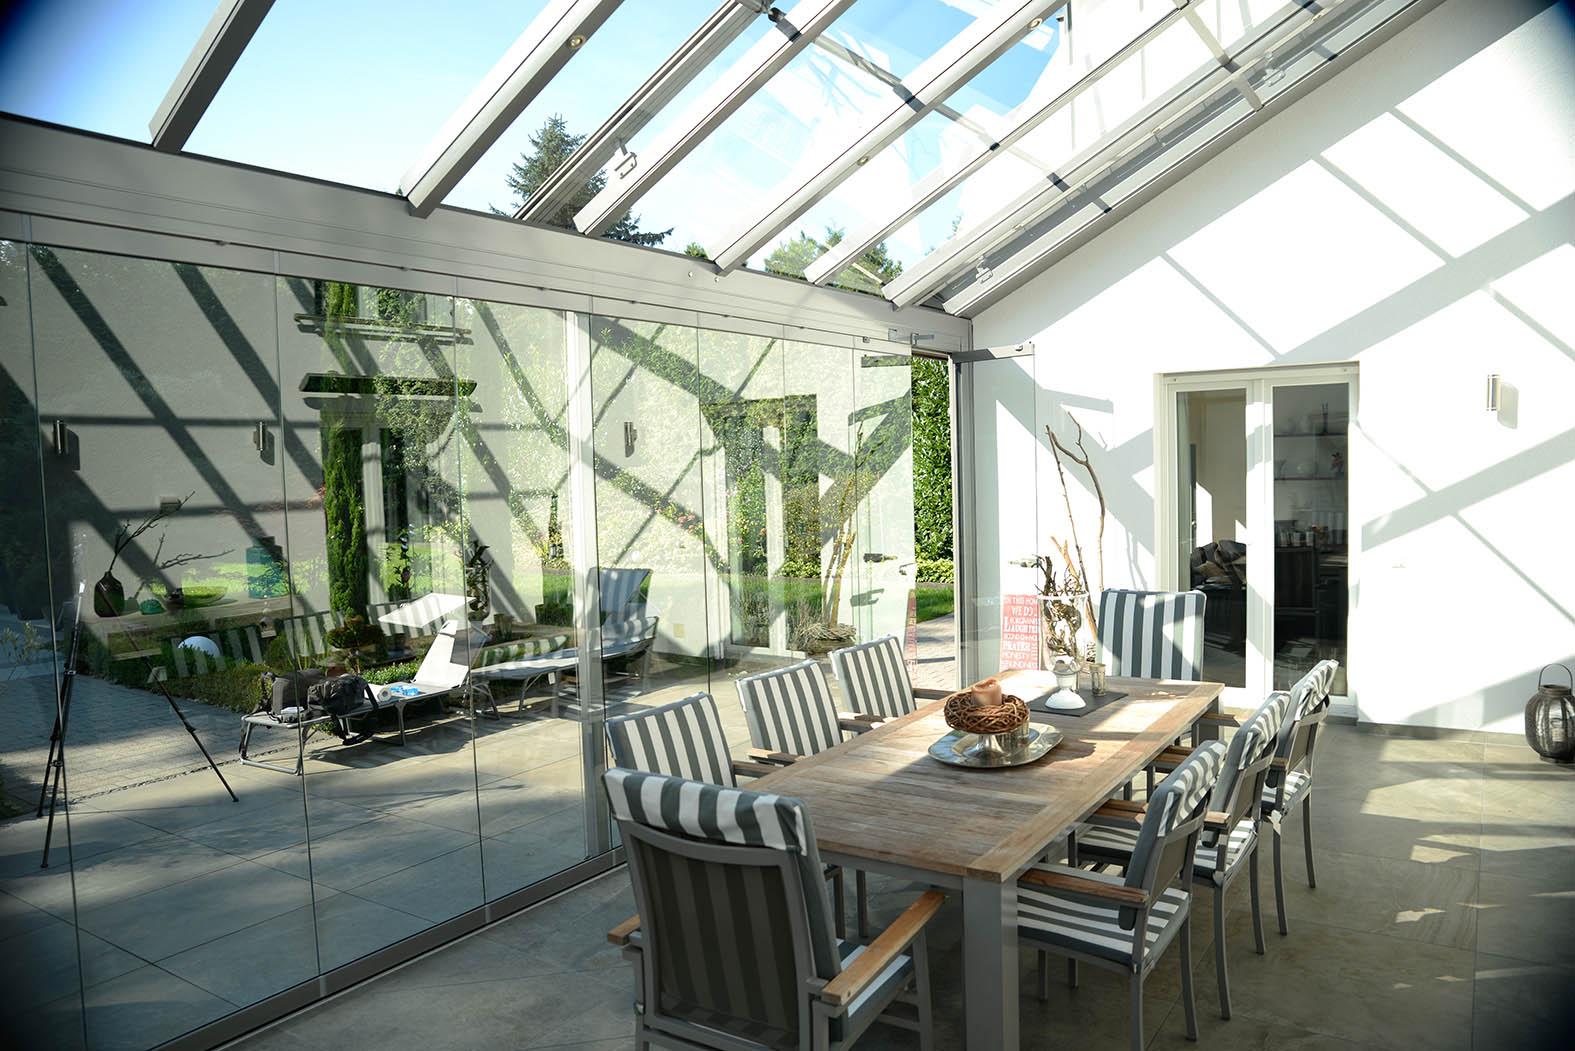 Glashaus von innen mit Essgruppe.